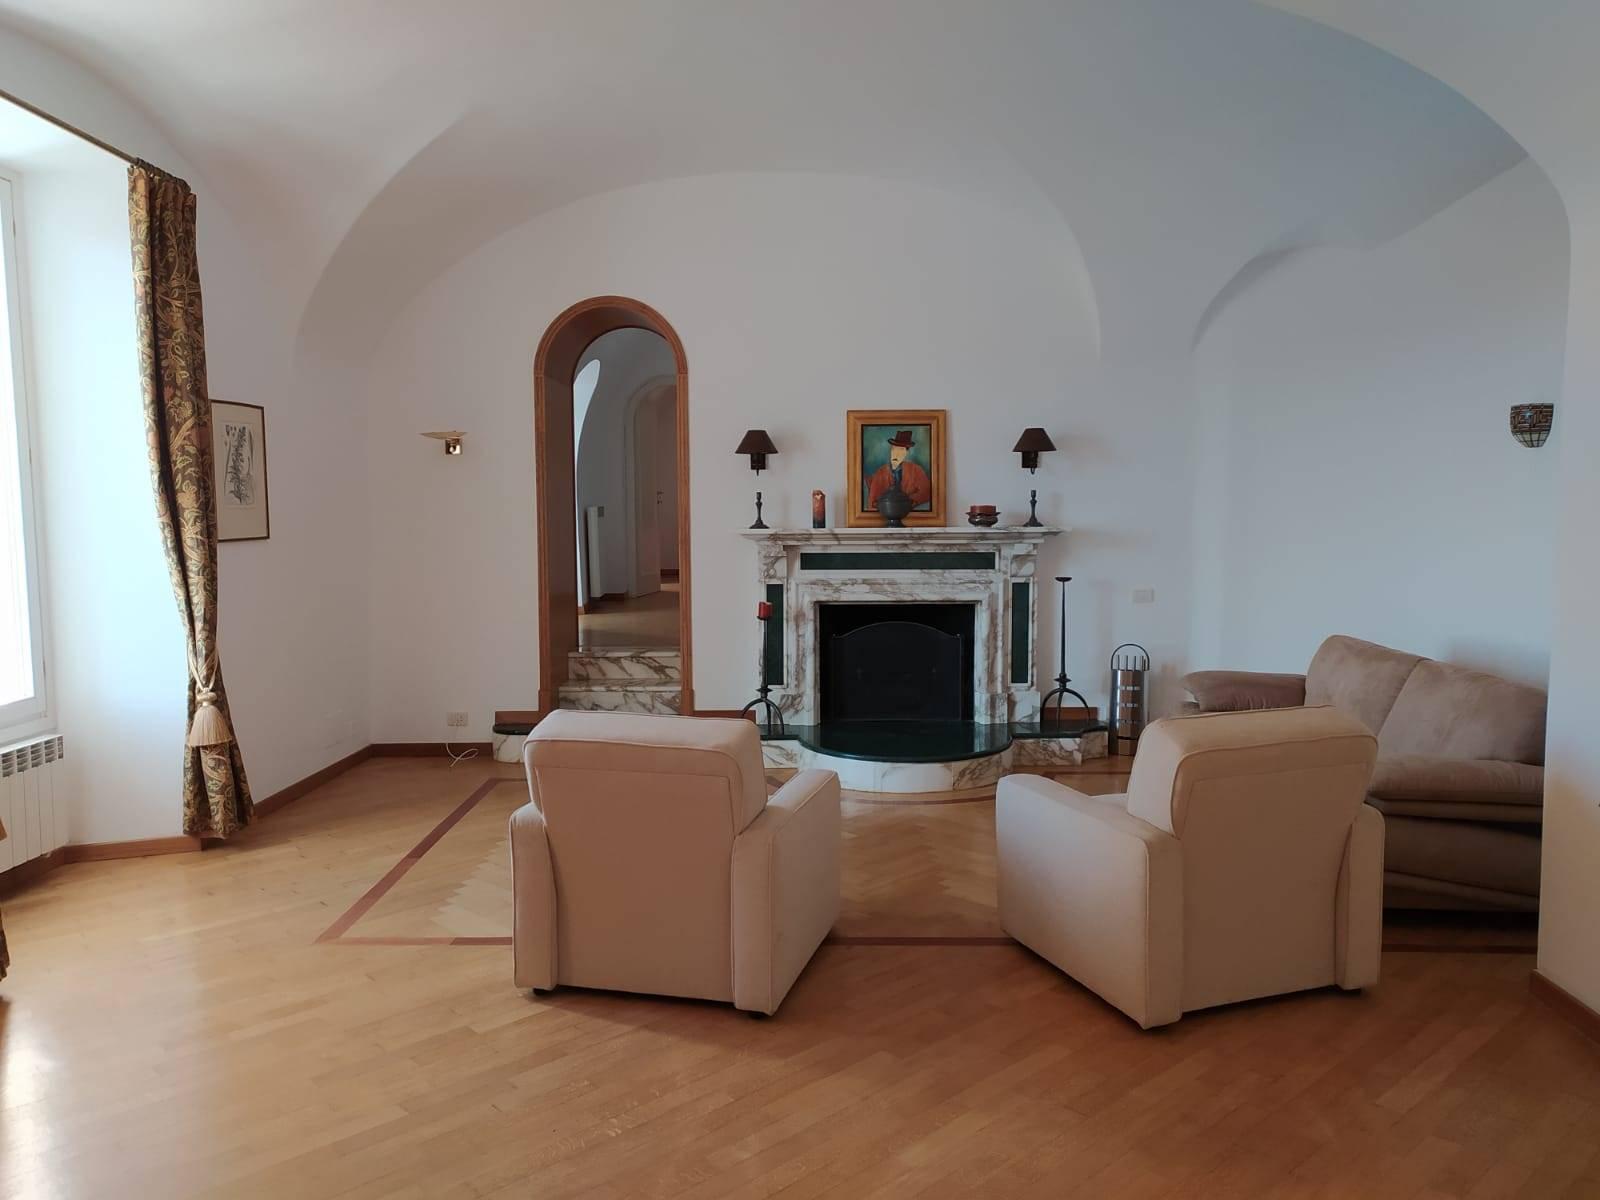 Appartamento in vendita a Seborga, 3 locali, prezzo € 218.000 | CambioCasa.it